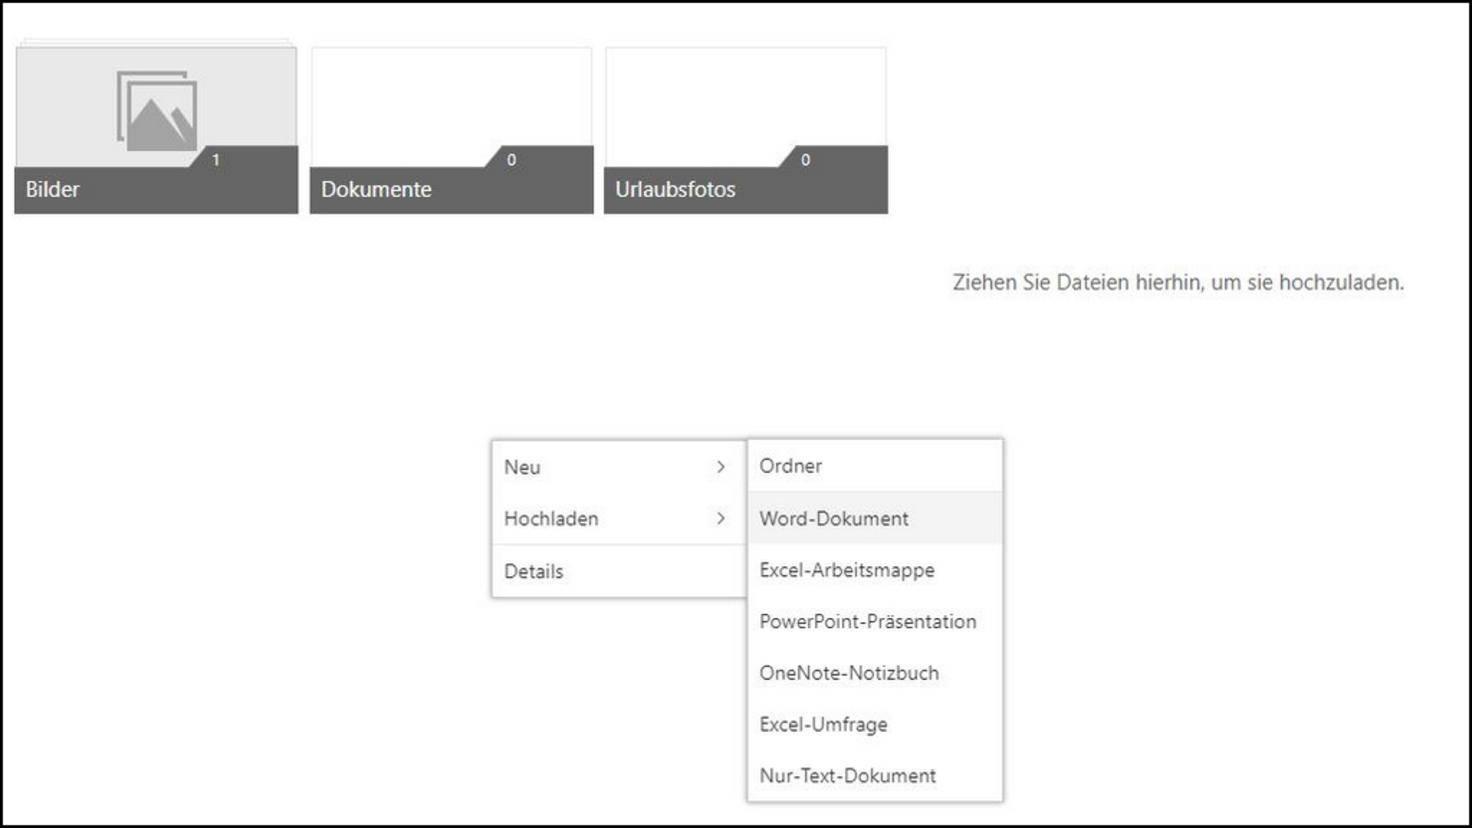 Durch Rechtsklick ins OneDrive-Fenster kannst Du ein neues Dokument anlegen.